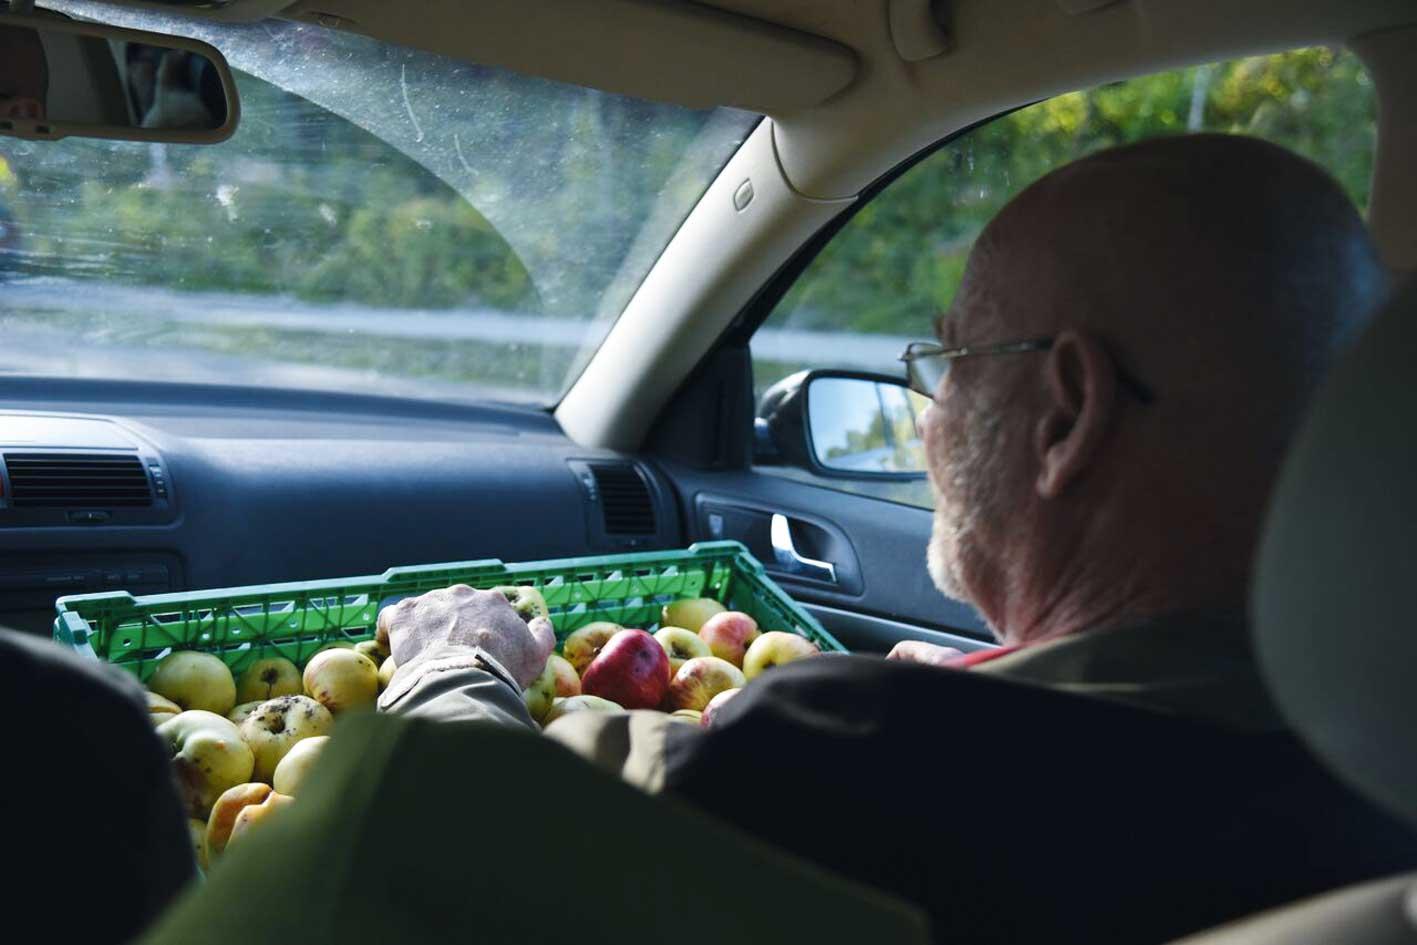 Bilen full av epler og den siste kassen går på fanget til Stein.